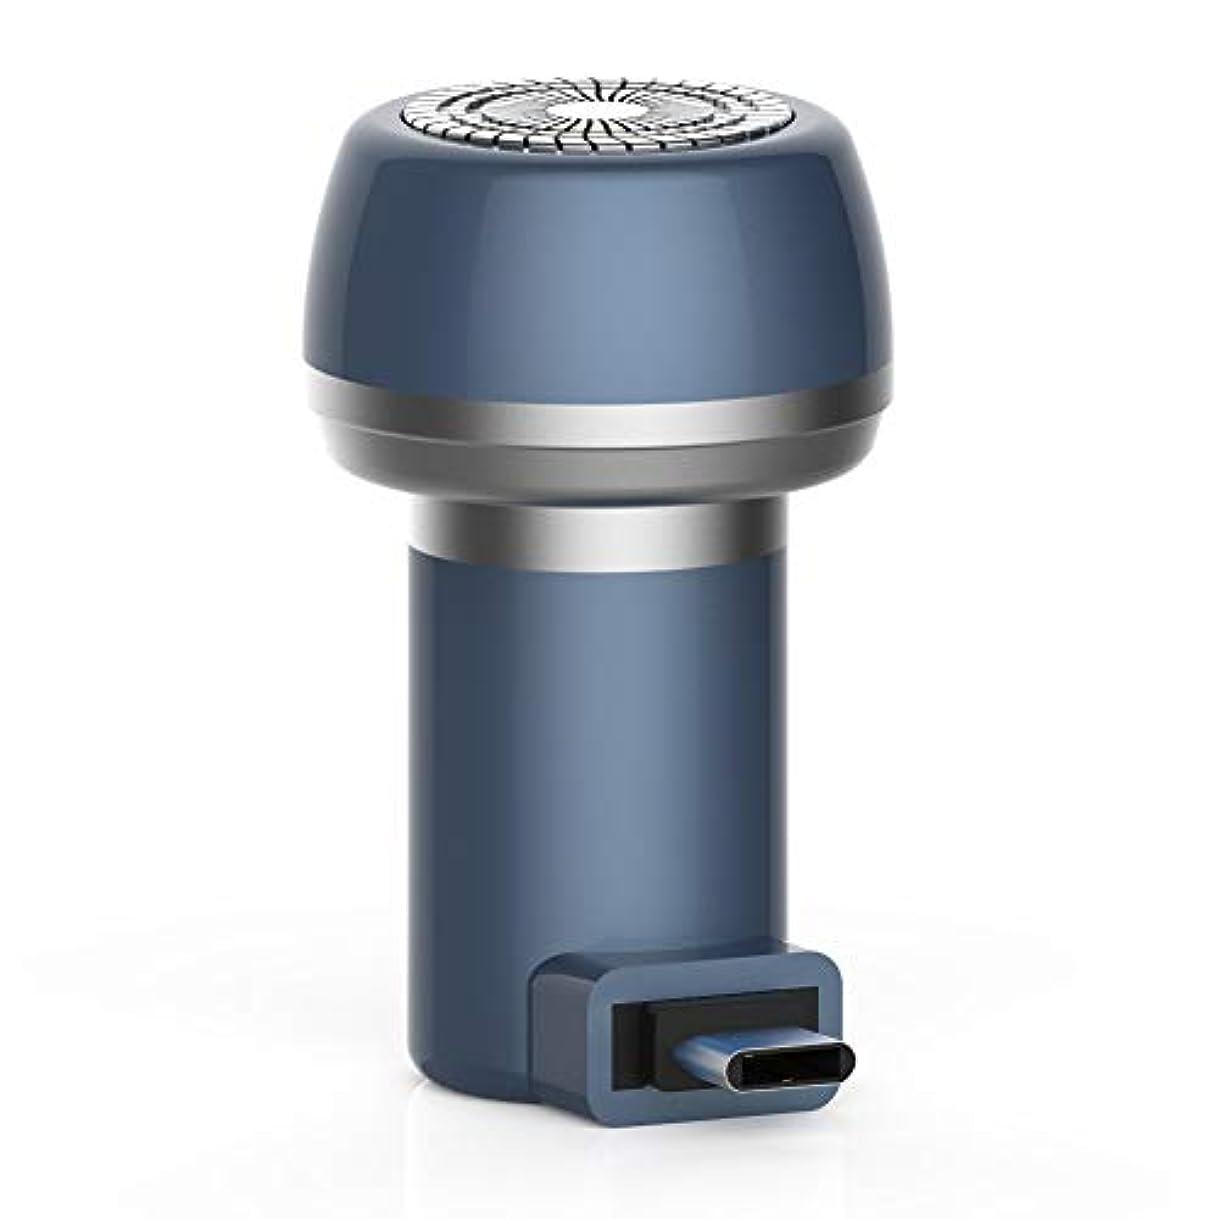 農夫ダイバー正しくJanusSaja  電気充電式シェーバー、2に付き2磁気電気シェーバーミニポータブルType-C USB防水耐久性剃刀